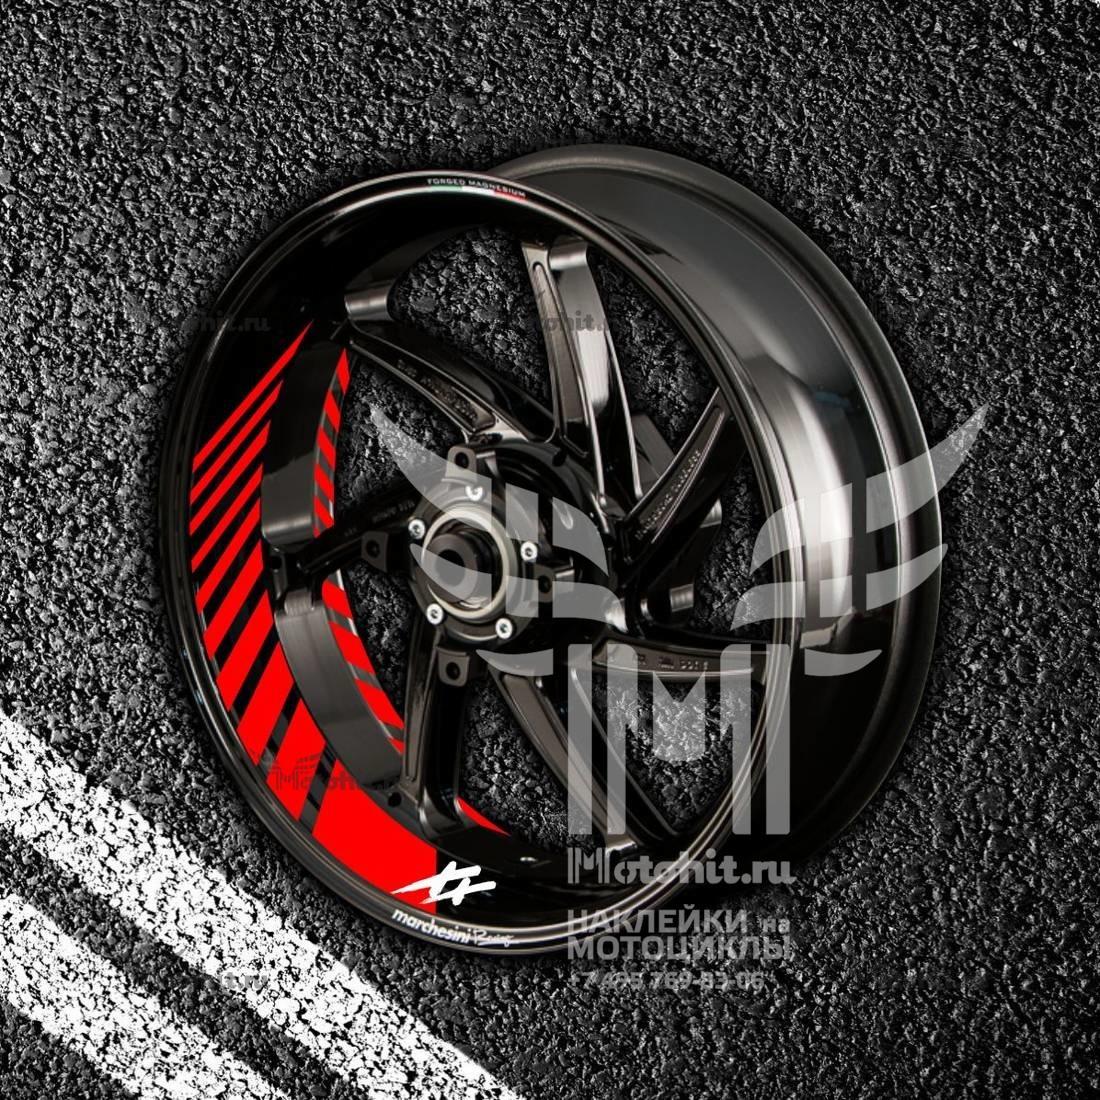 Комплект наклеек с полосами на колеса мотоцикла HONDA XX